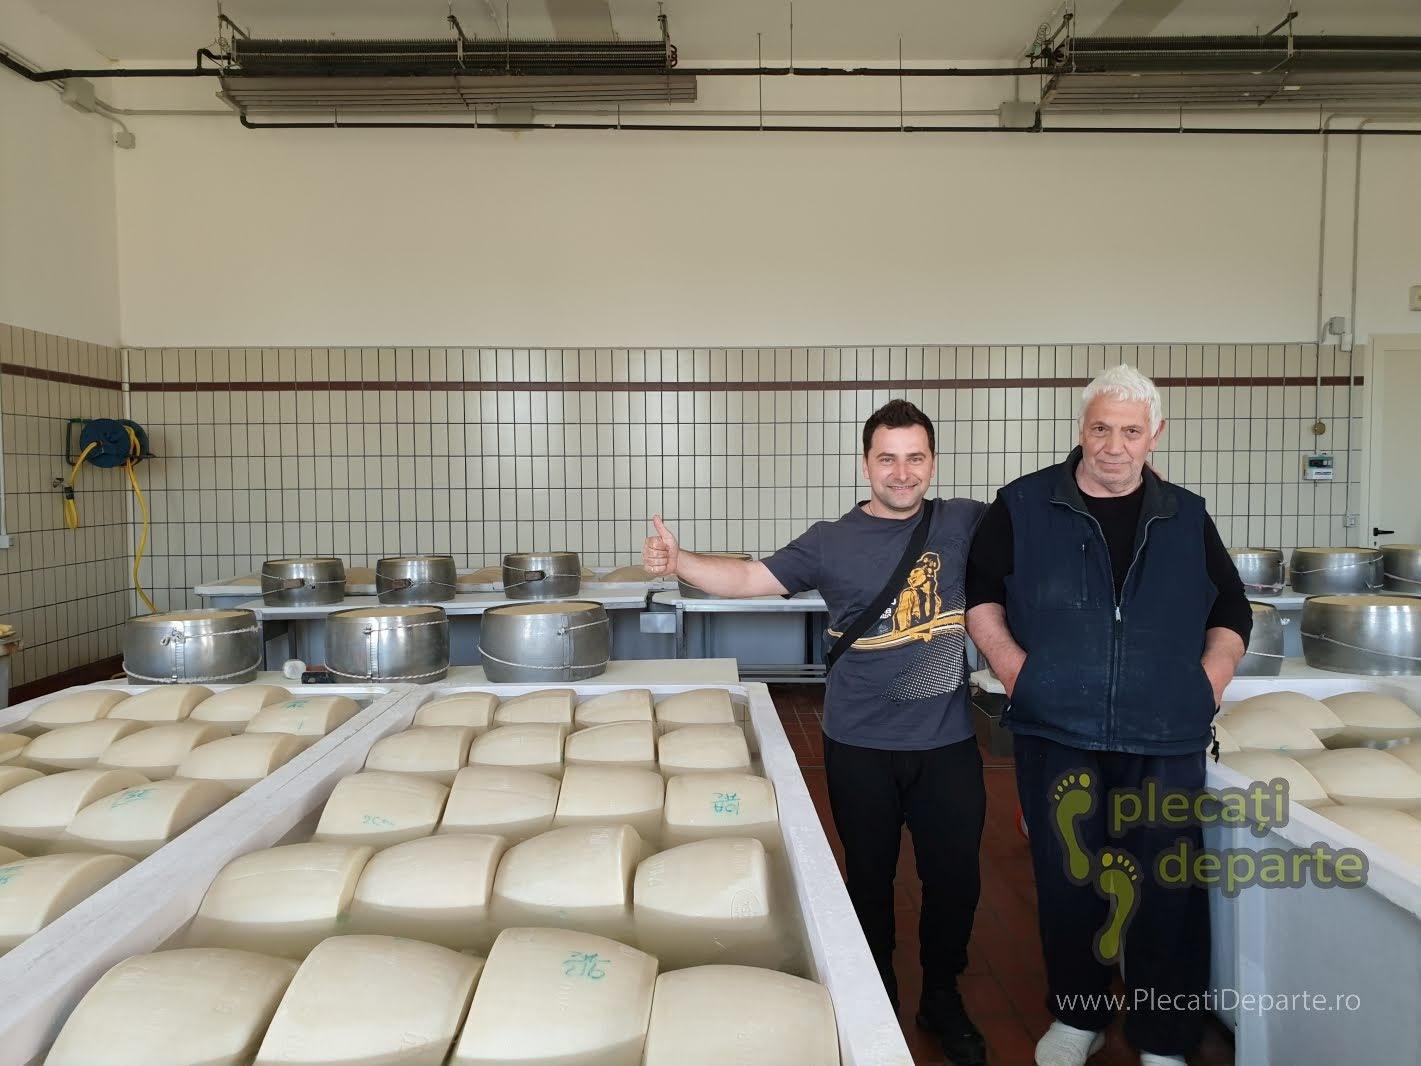 Am avut ocazia sa intru si sa vad procesul tehnologic de obtinere a parmezanului (parmigiano reggiano) intr-o microproductie din afara orasului Parma, Italia. bologna parma lugo obiective mancaruri traditionale italia